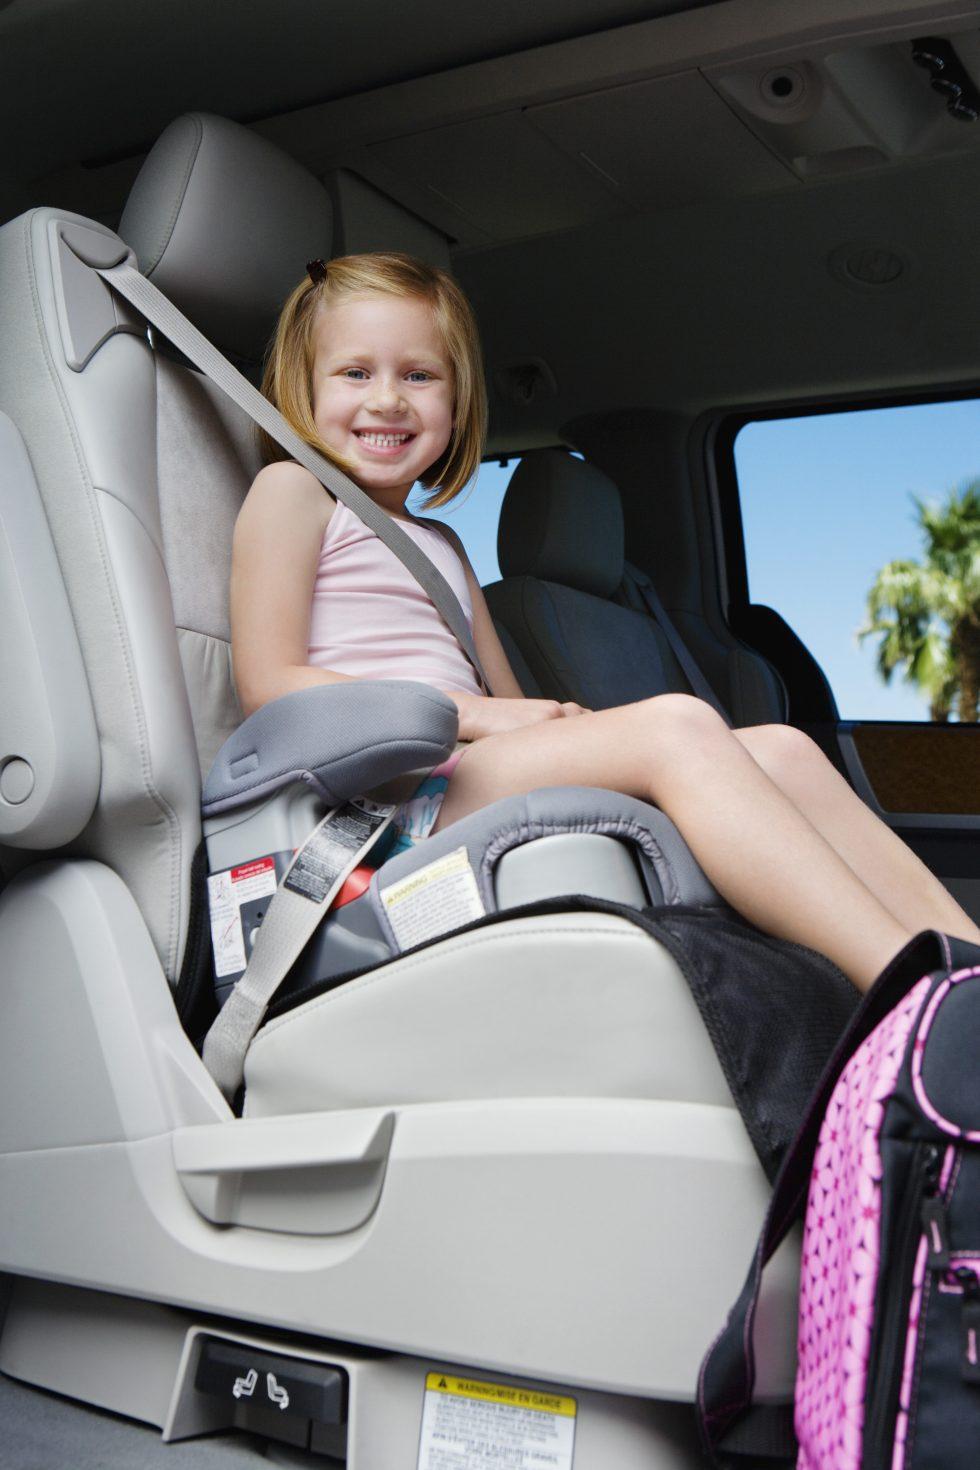 ¿En Dónde Se Deben Sentar los Niños en un Auto?